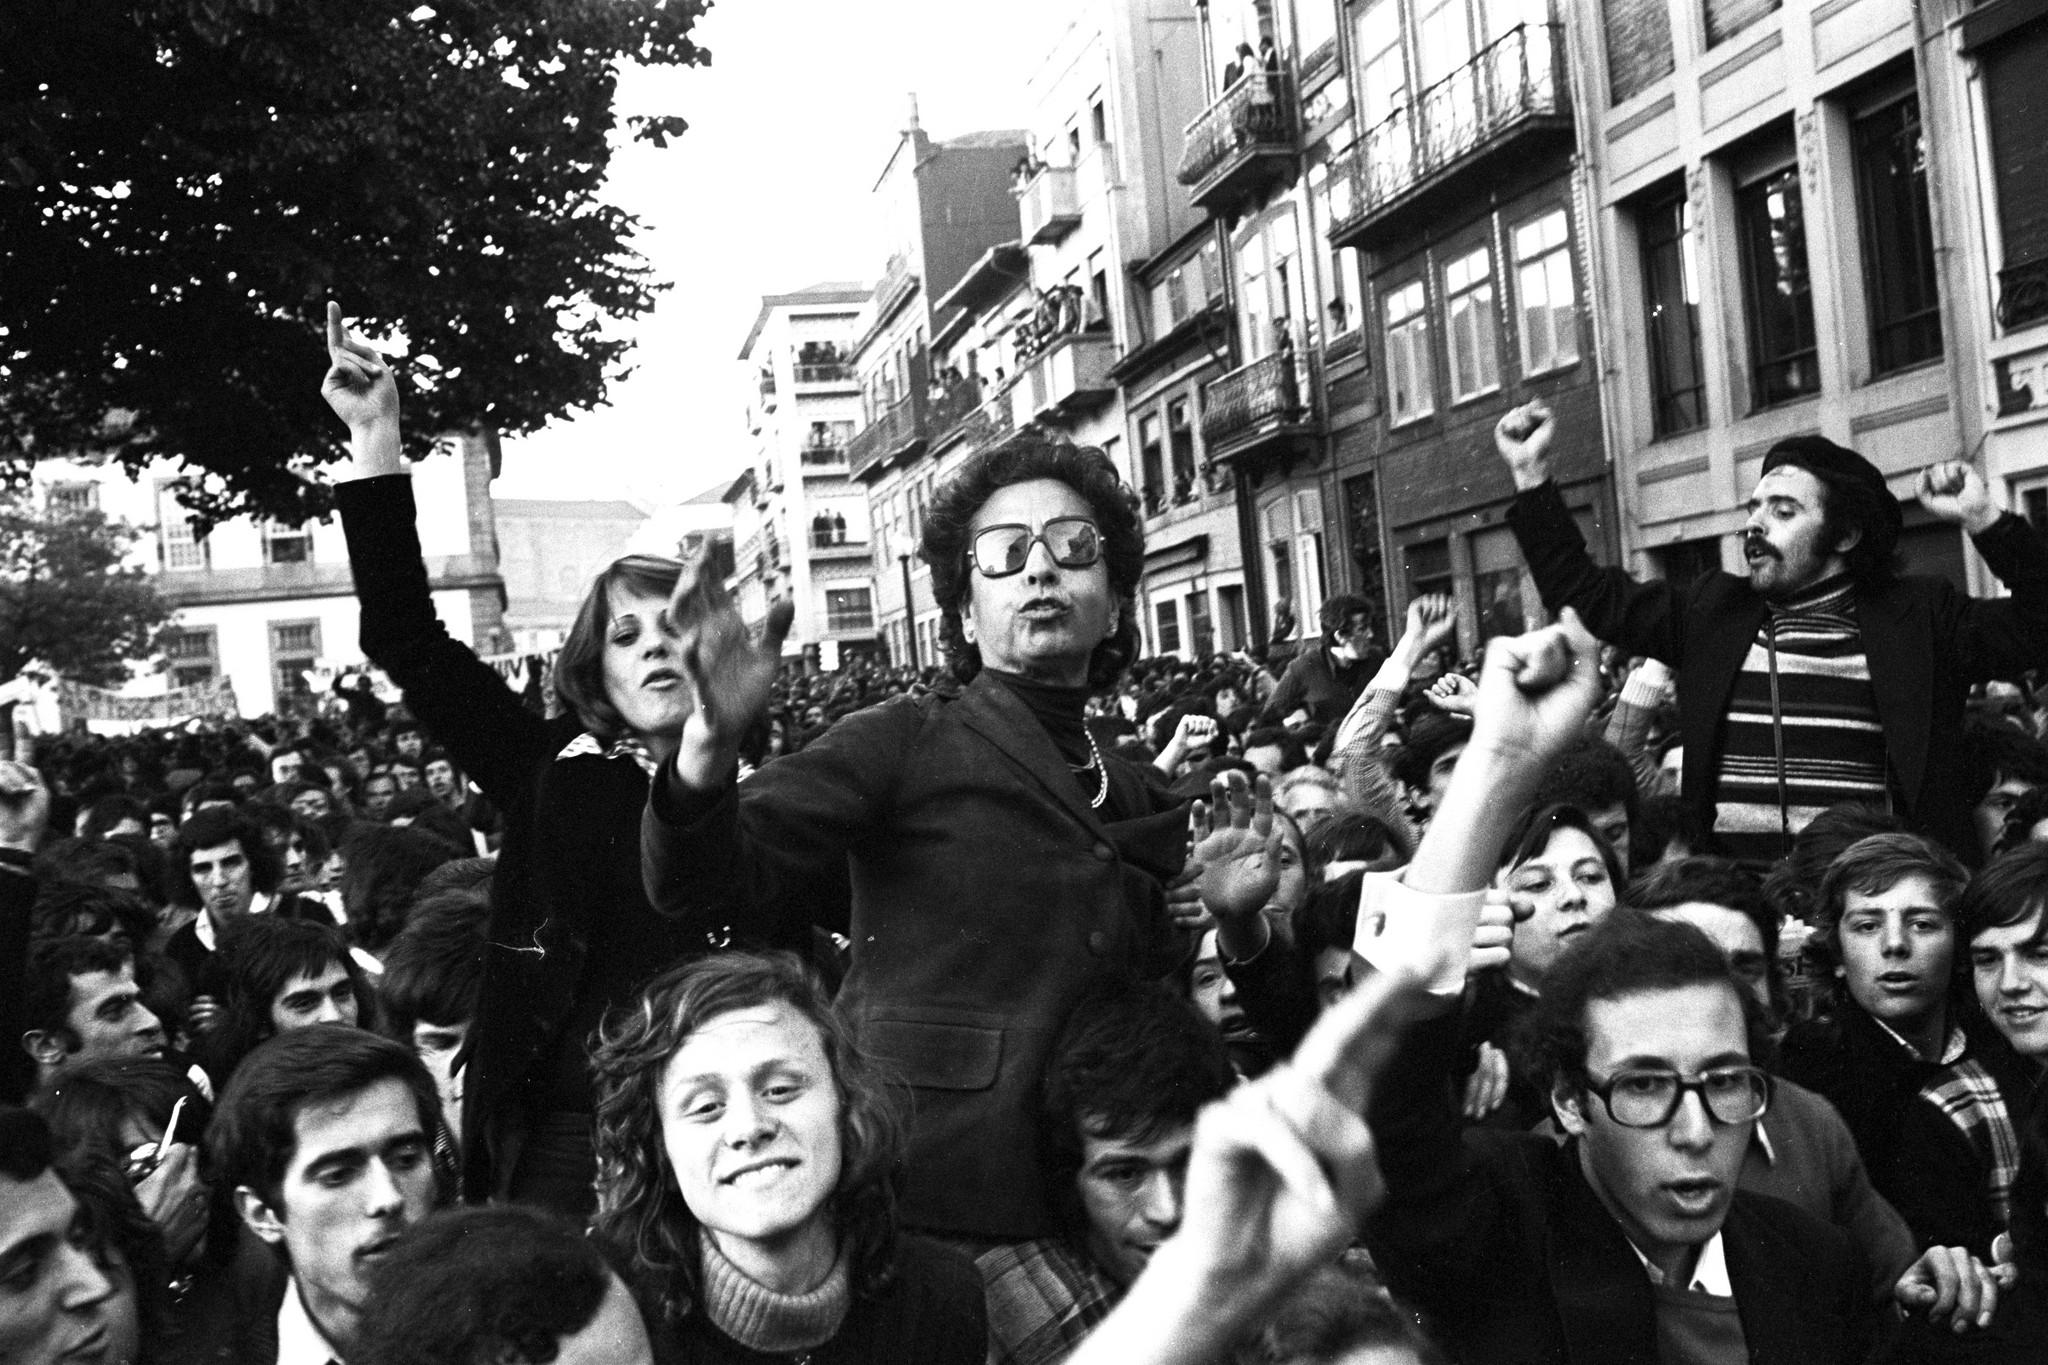 O que foi o 25 de abril de 1974?